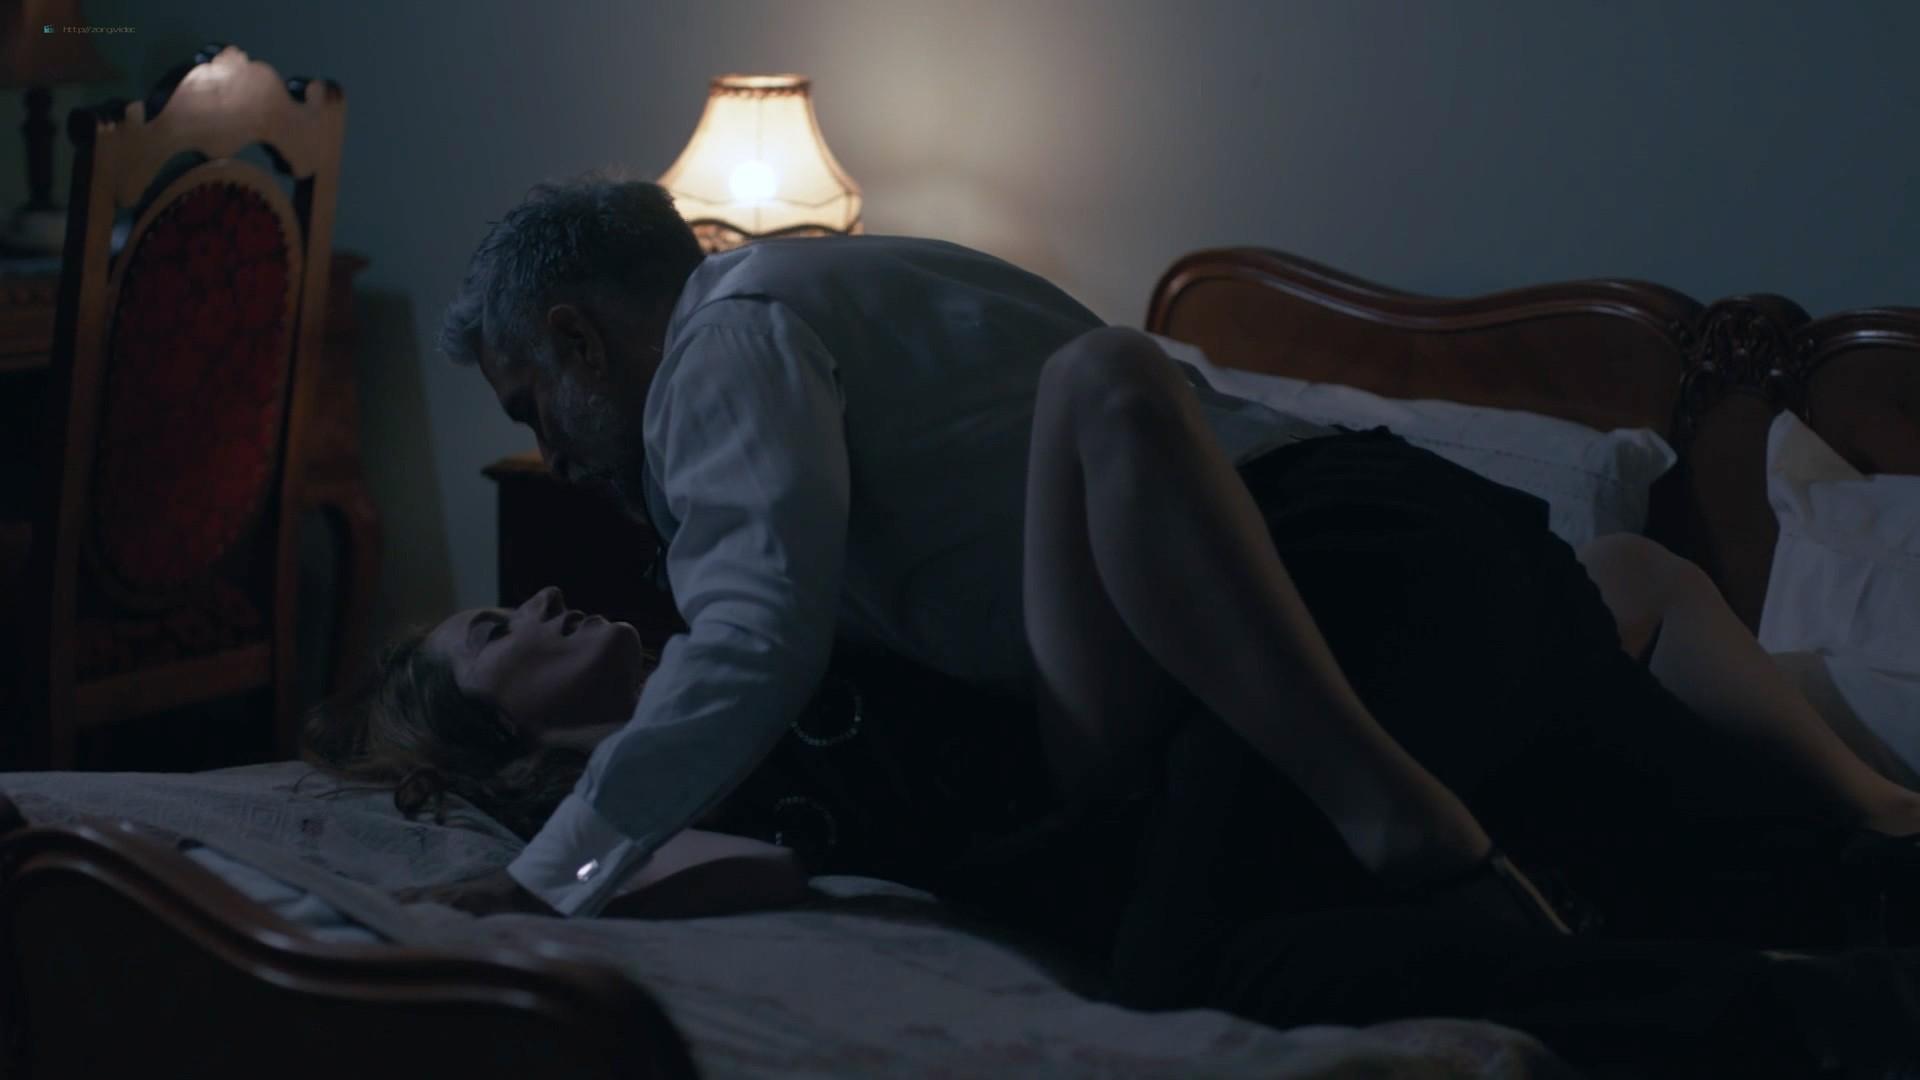 Jana Stojanovska nude sex Jovana Stojiljkovic and Marija Bergam sex - Black Sun (2017) s1e9-10 HD 1080p (2)